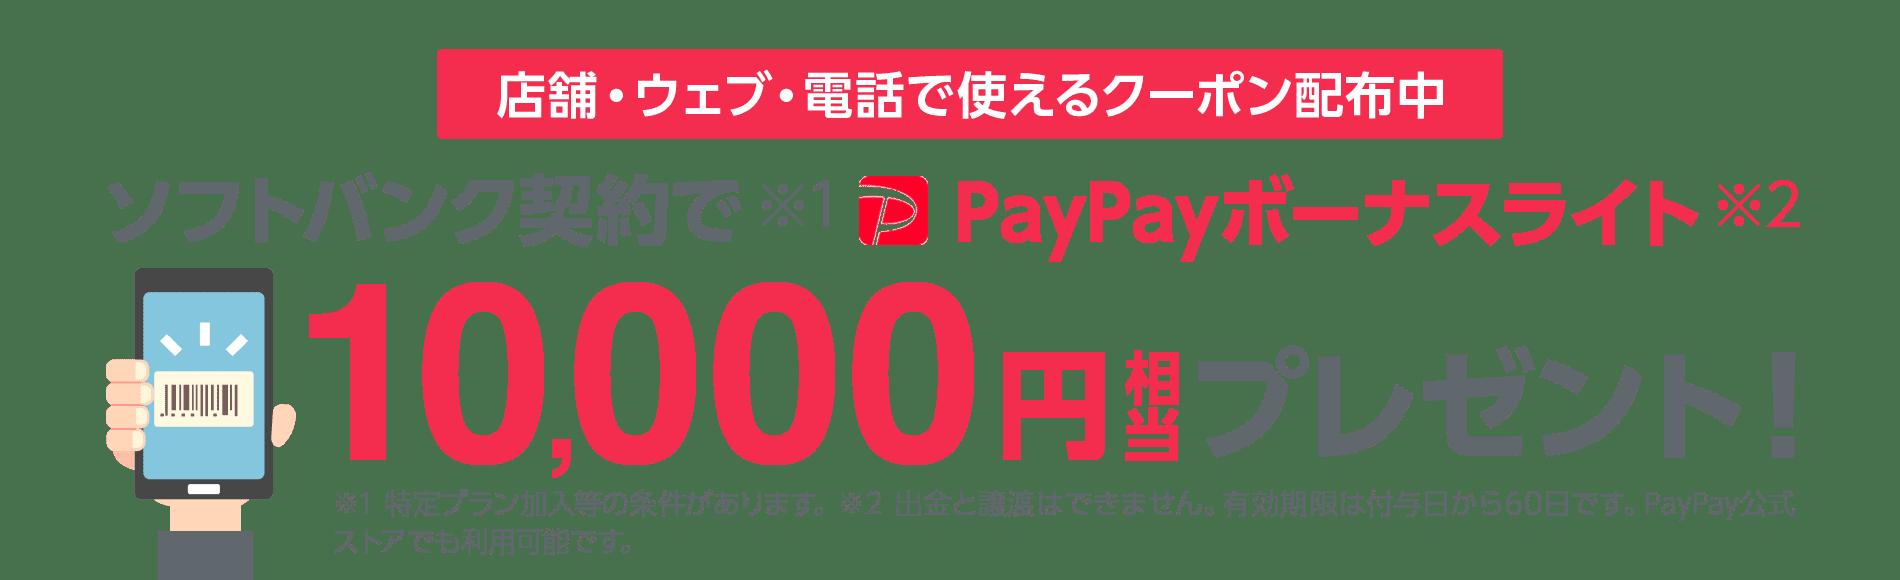 店舗・ウェブ・電話で使えるクーポン配布中 ソフトバンク契約で※1PayPayボーナスライト※2 10,000円相当プレゼント! ※1 特定プラン加入等の条件があります。 ※2 出金と譲渡はできません。有効期限は付与日から60日です。 PayPay公式ストアでも利用可能です。